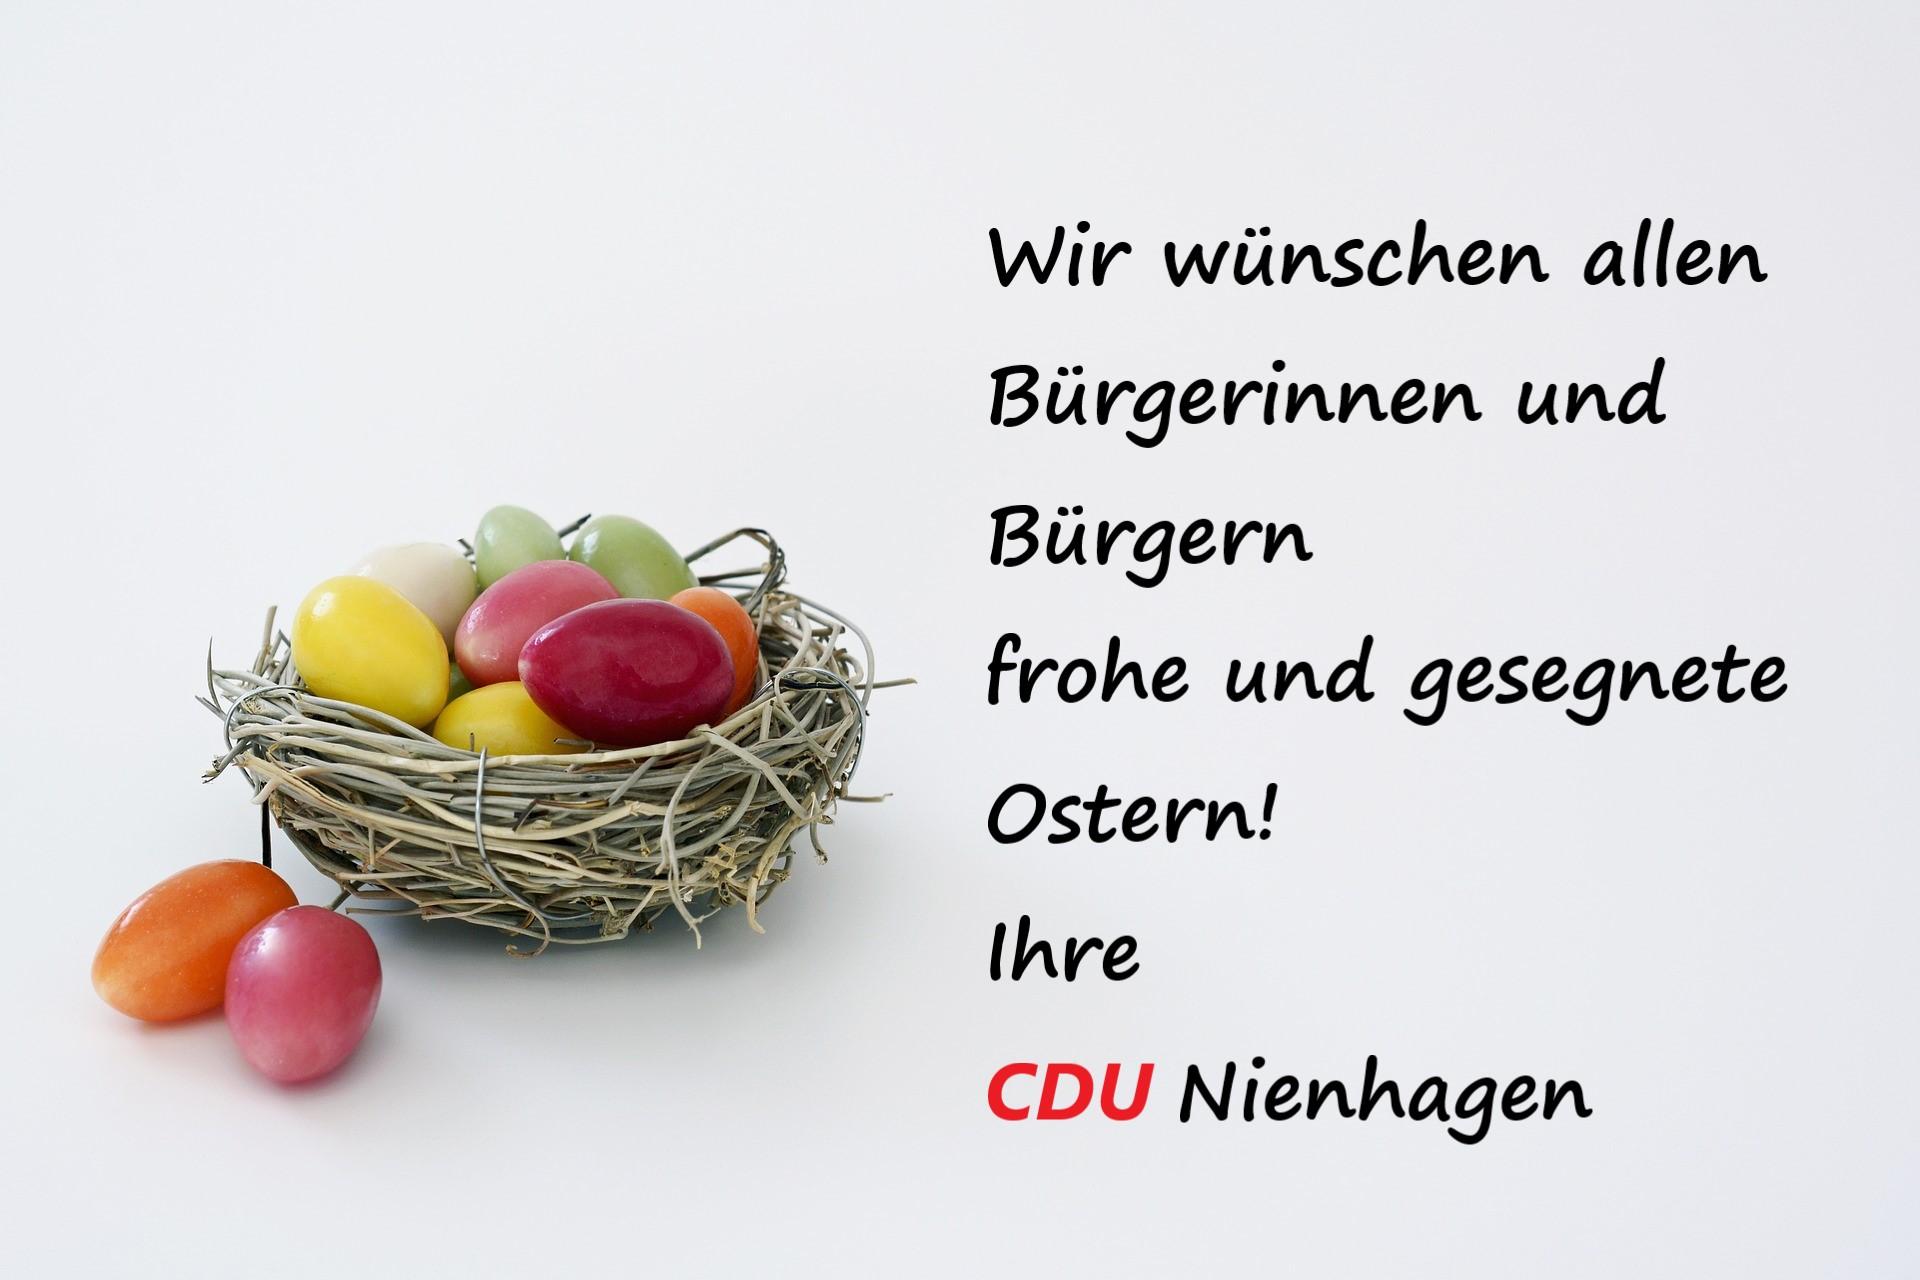 CDU Nienhagen